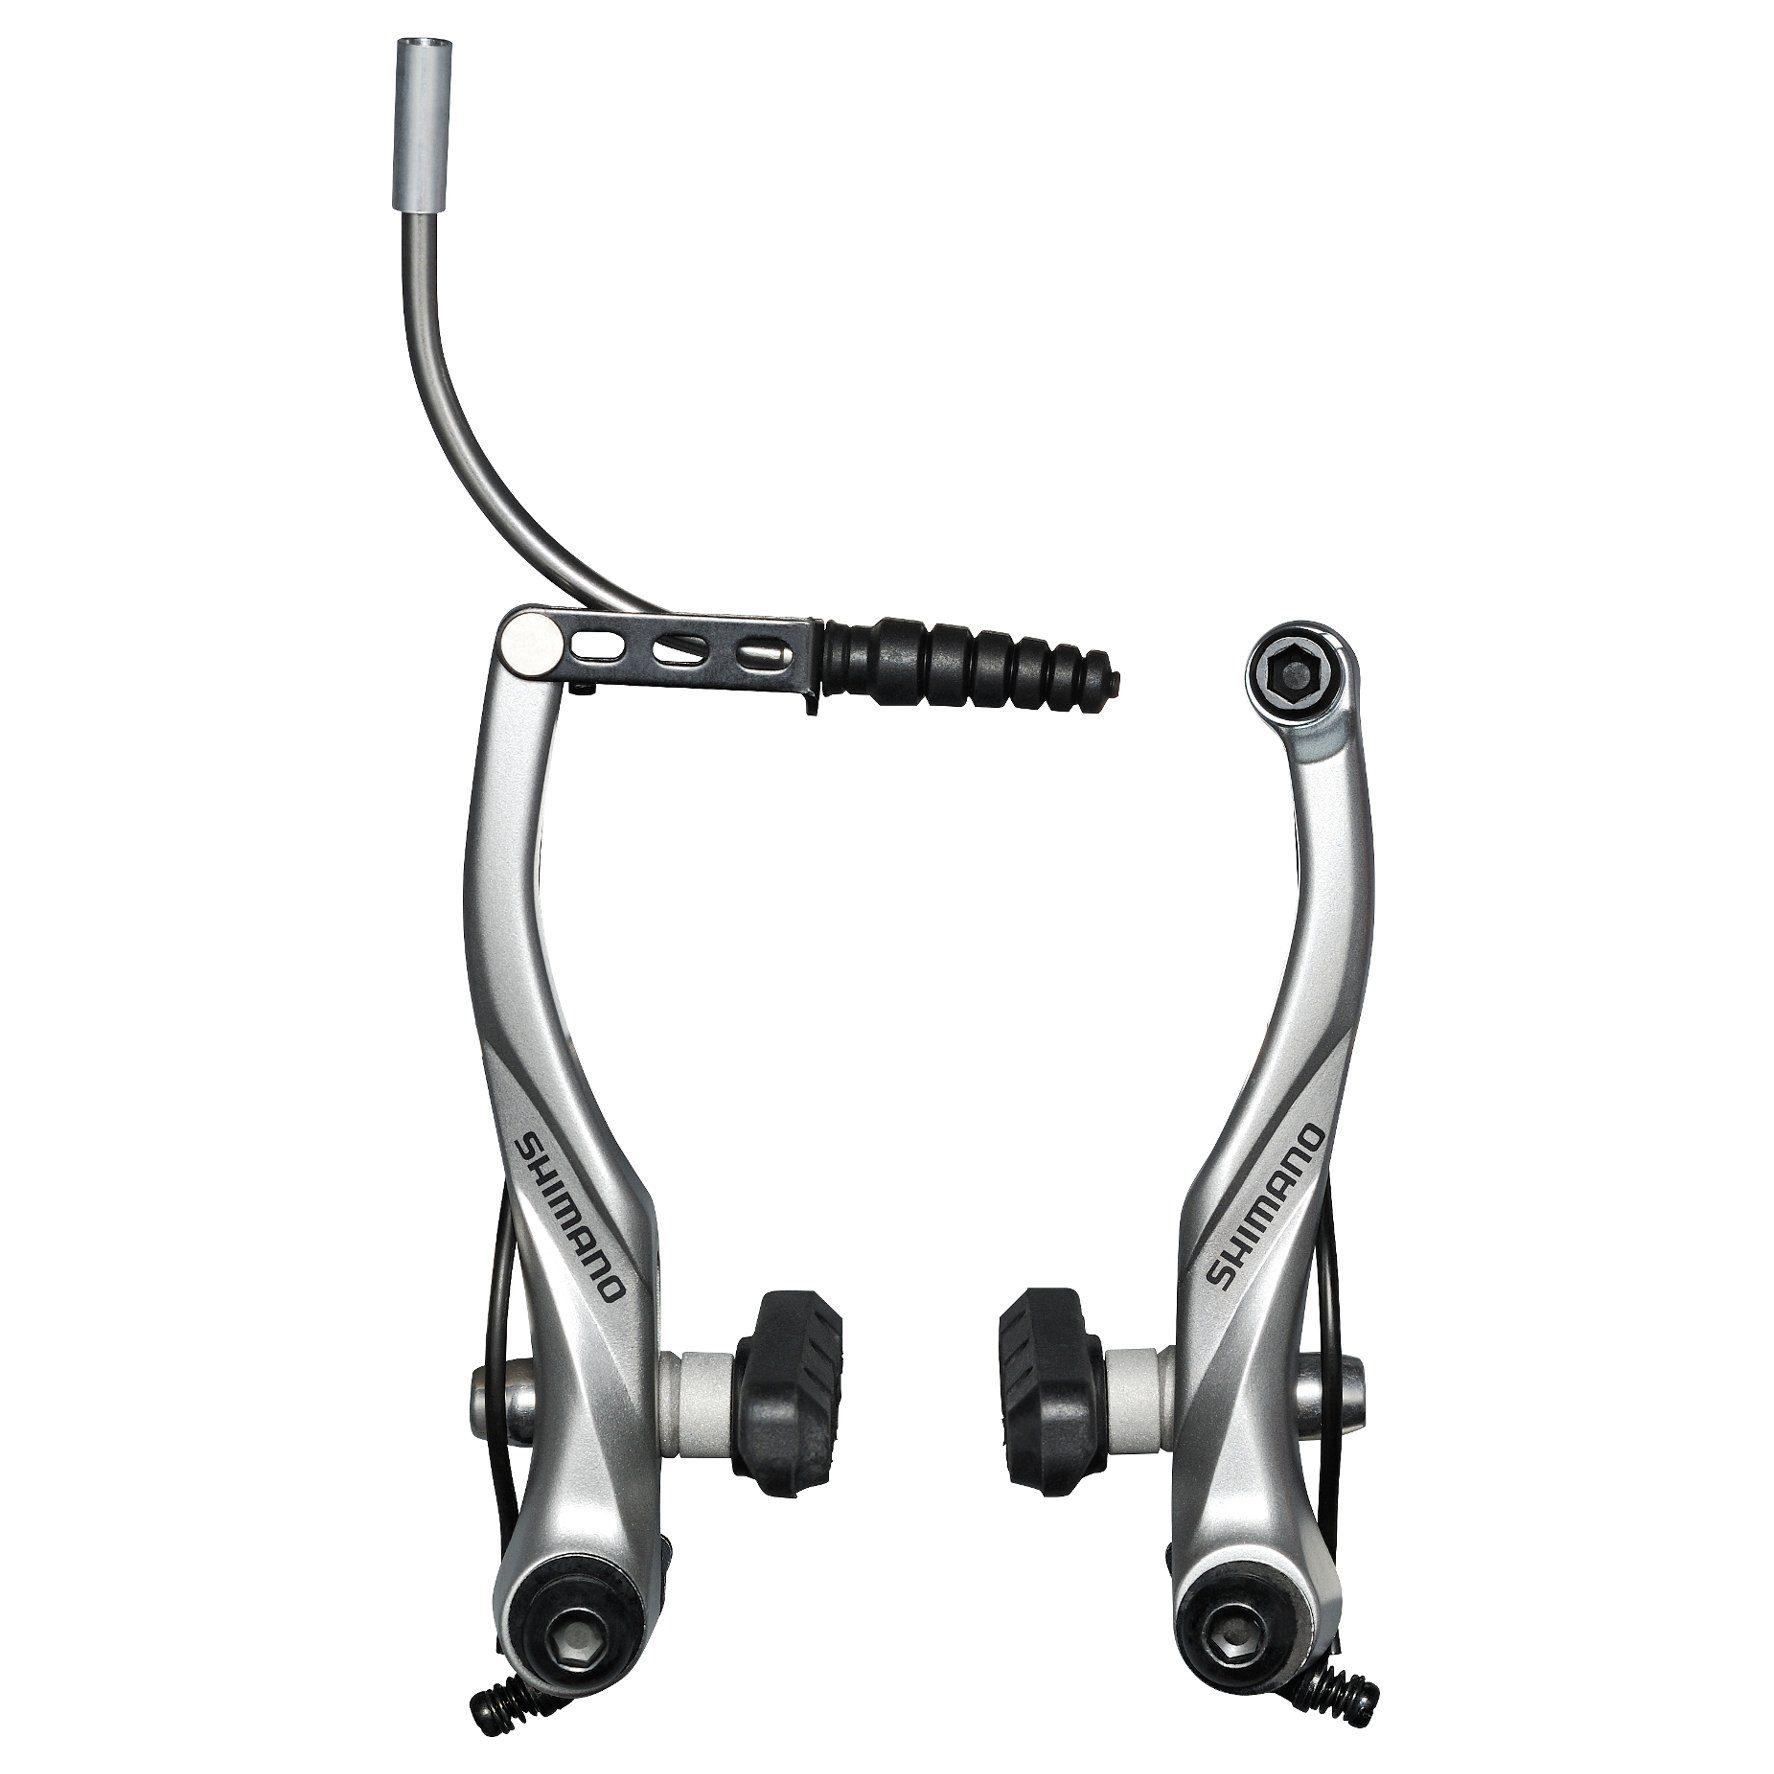 Shimano Felgenbremse »Alivio BR-T4000 Bremse VR V-Brake«